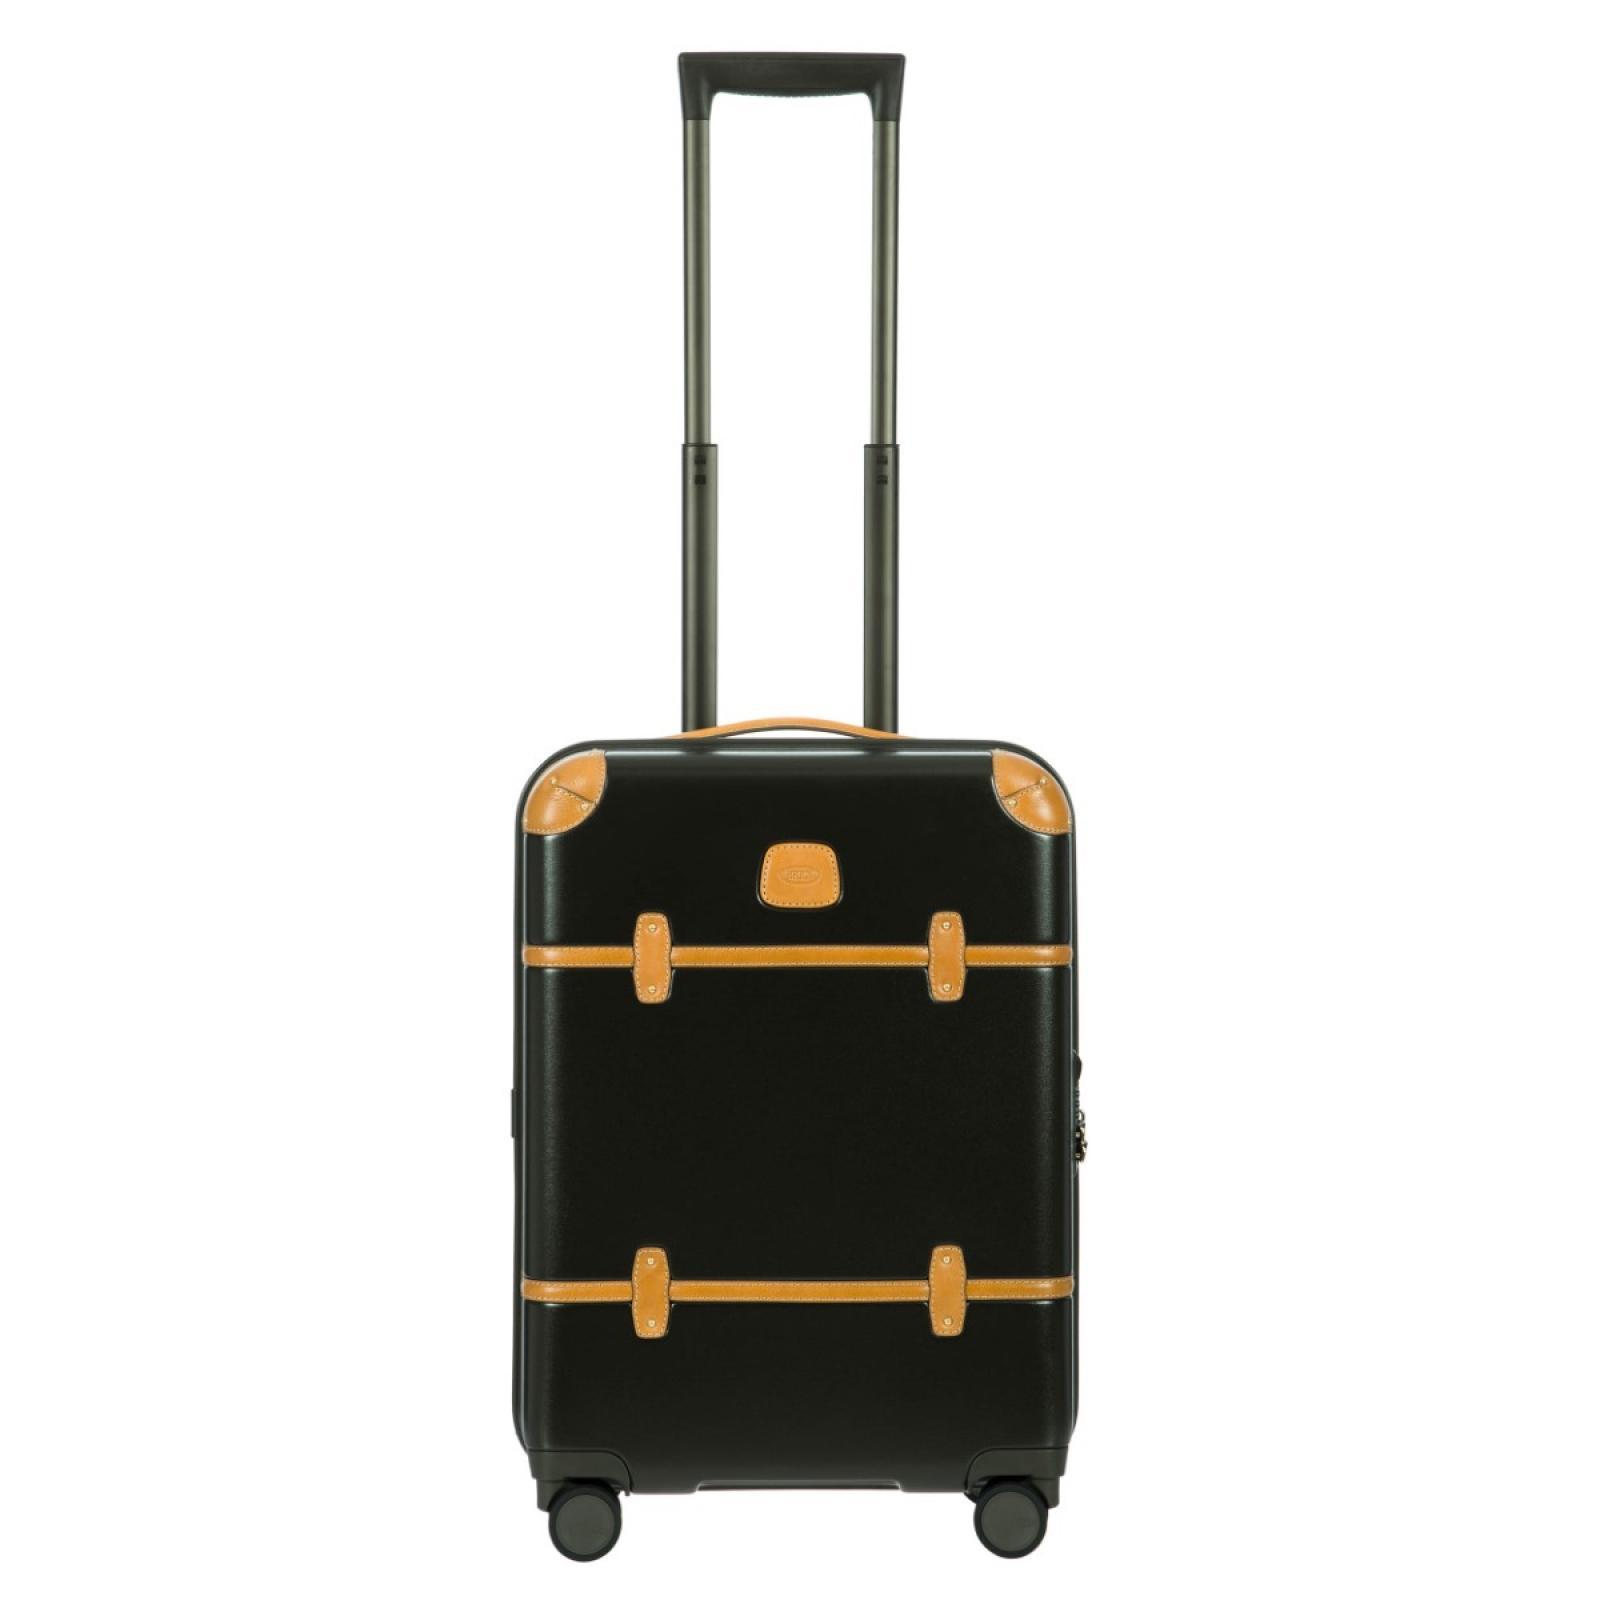 BRIC BELLAGIO 21 inch carry-on trolley -